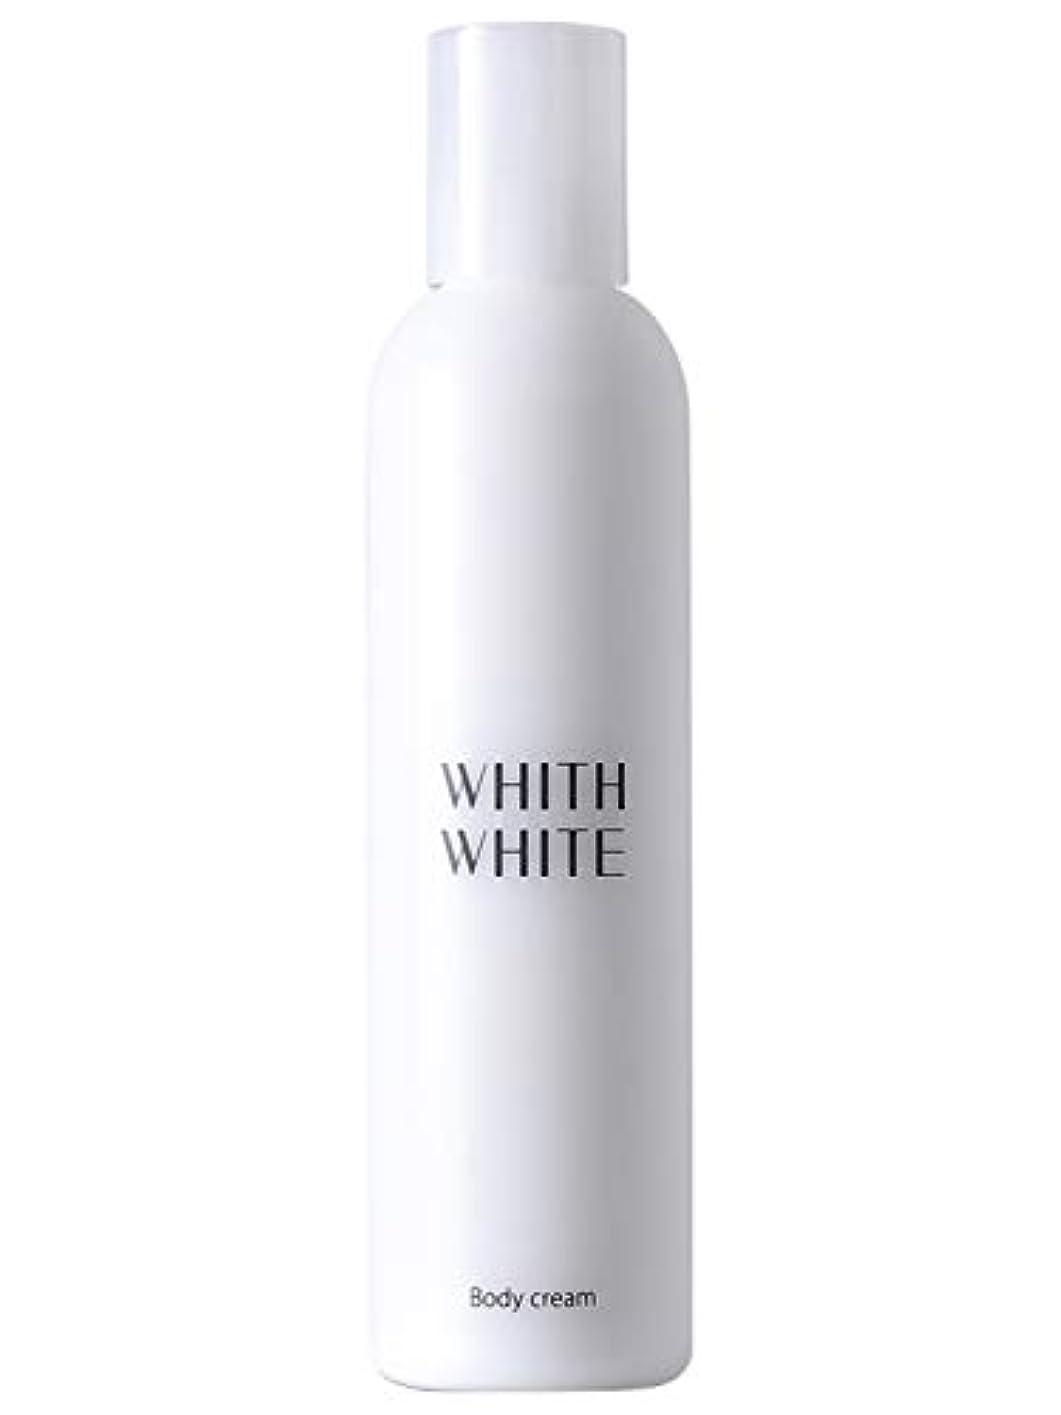 フィス ホワイト 保湿 ボディクリーム 「顔 かかと 全身 乾燥肌 しみ くすみ 用 エモリエント 保湿クリーム 」200g